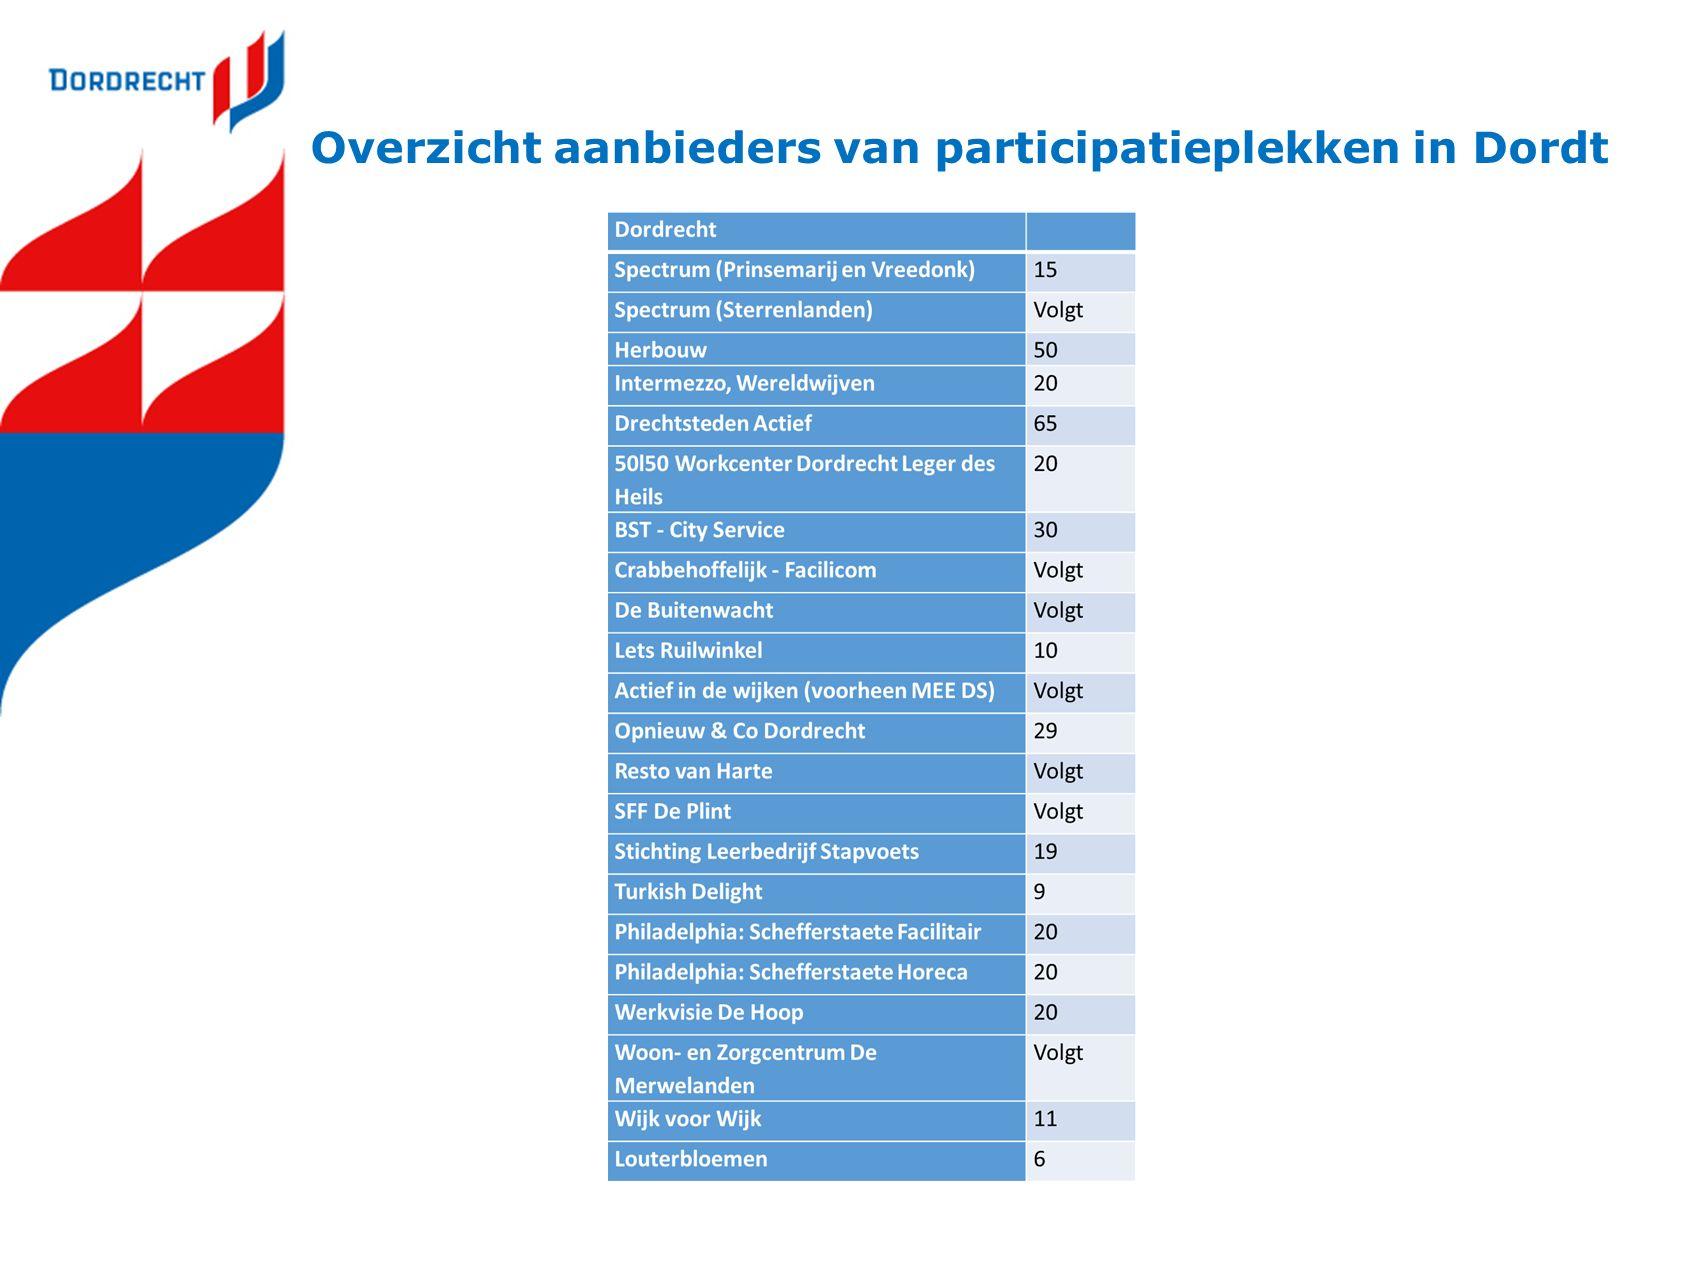 Overzicht aanbieders van participatieplekken in Dordt